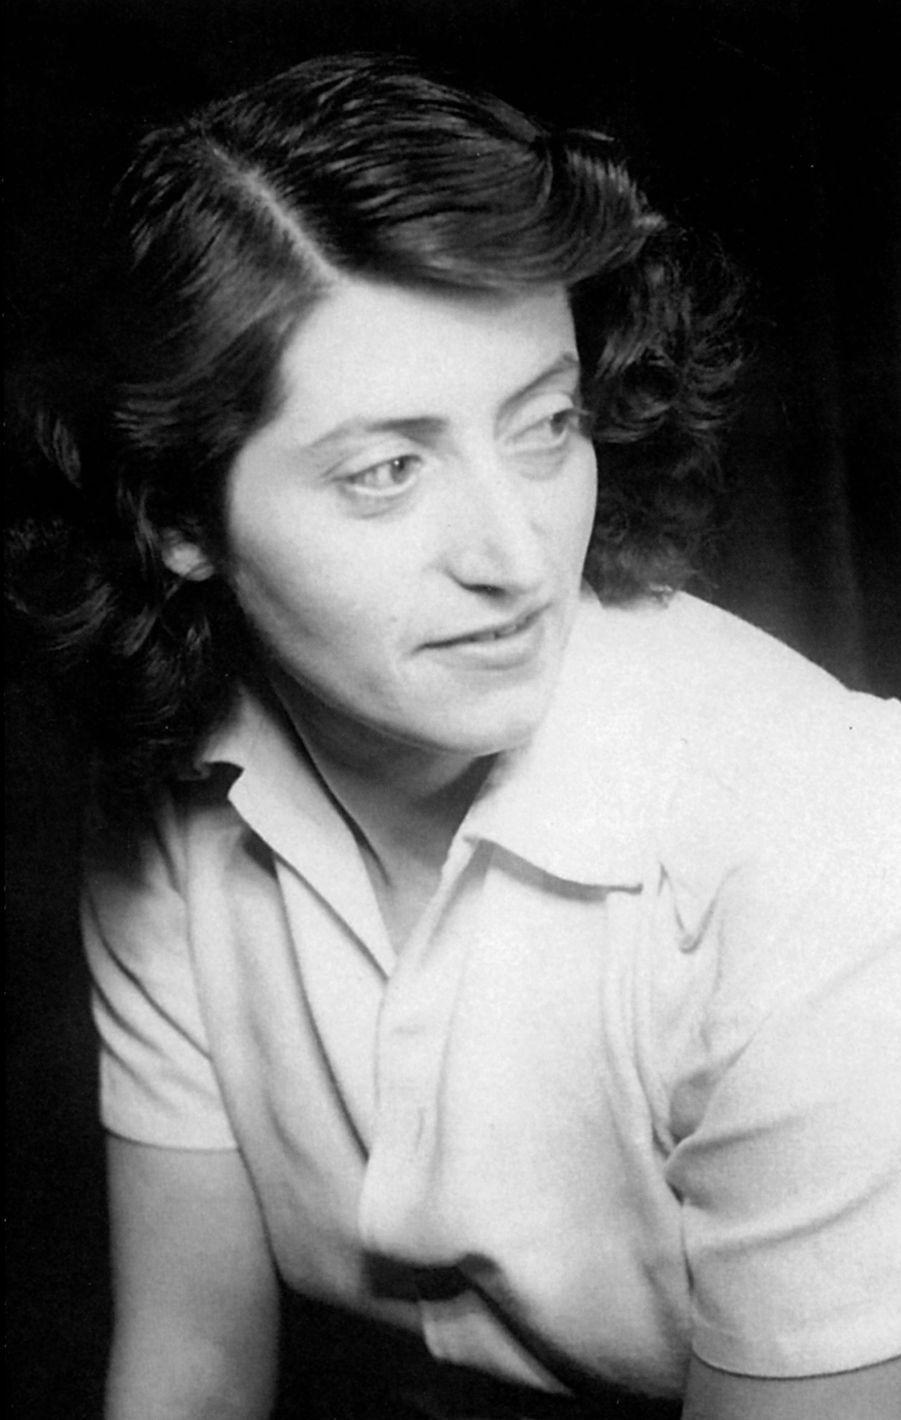 Lucie Aubrac (1912-2007) était une résistante française pendant la Seconde Guerre mondiale. Elle s'est appliquée à transmettre son histoire et les valeurs qui lui étaient rattachées aux établissements scolaires.